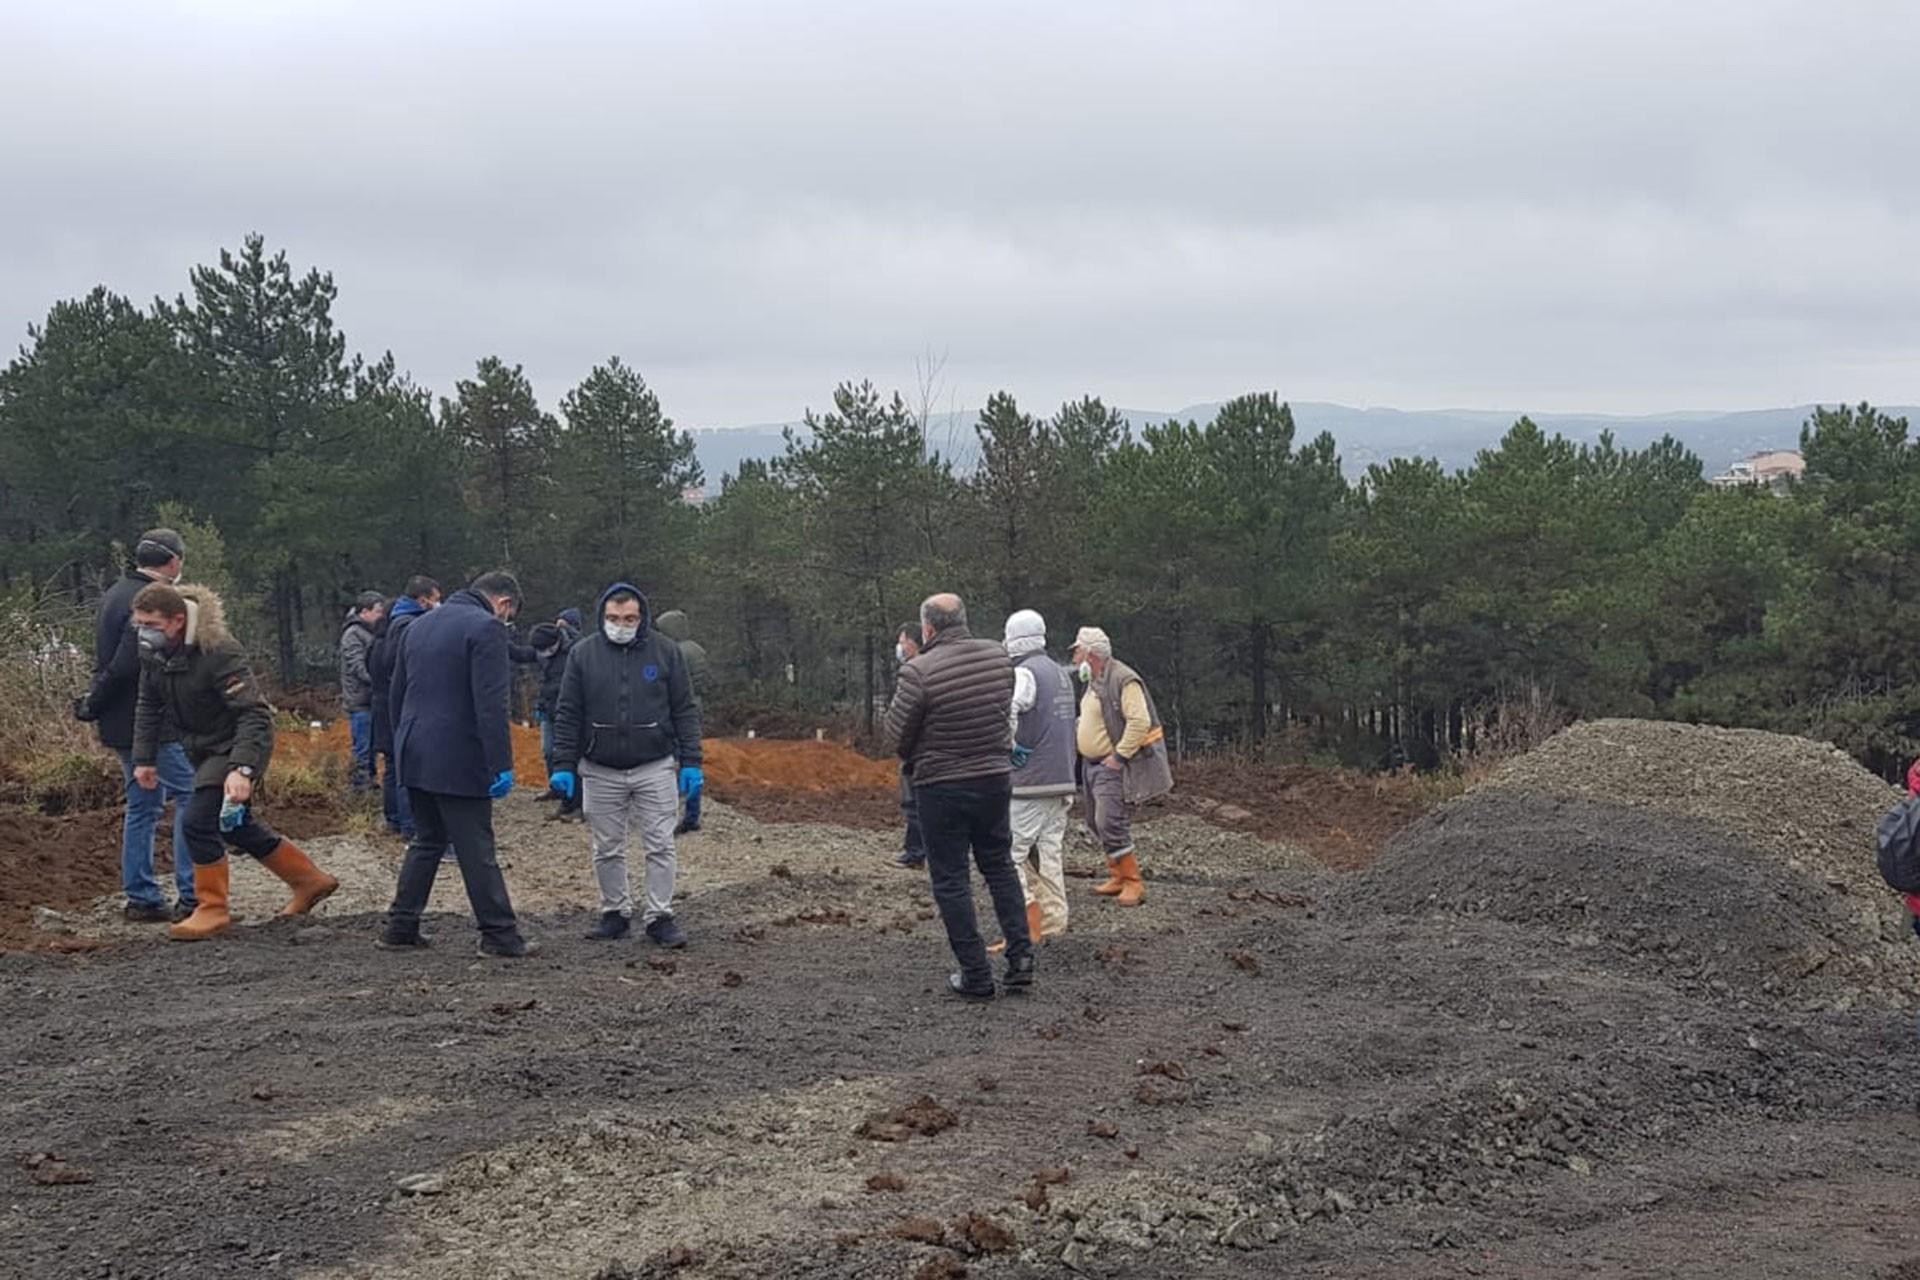 Mezarlık alanında toplanan insanlar